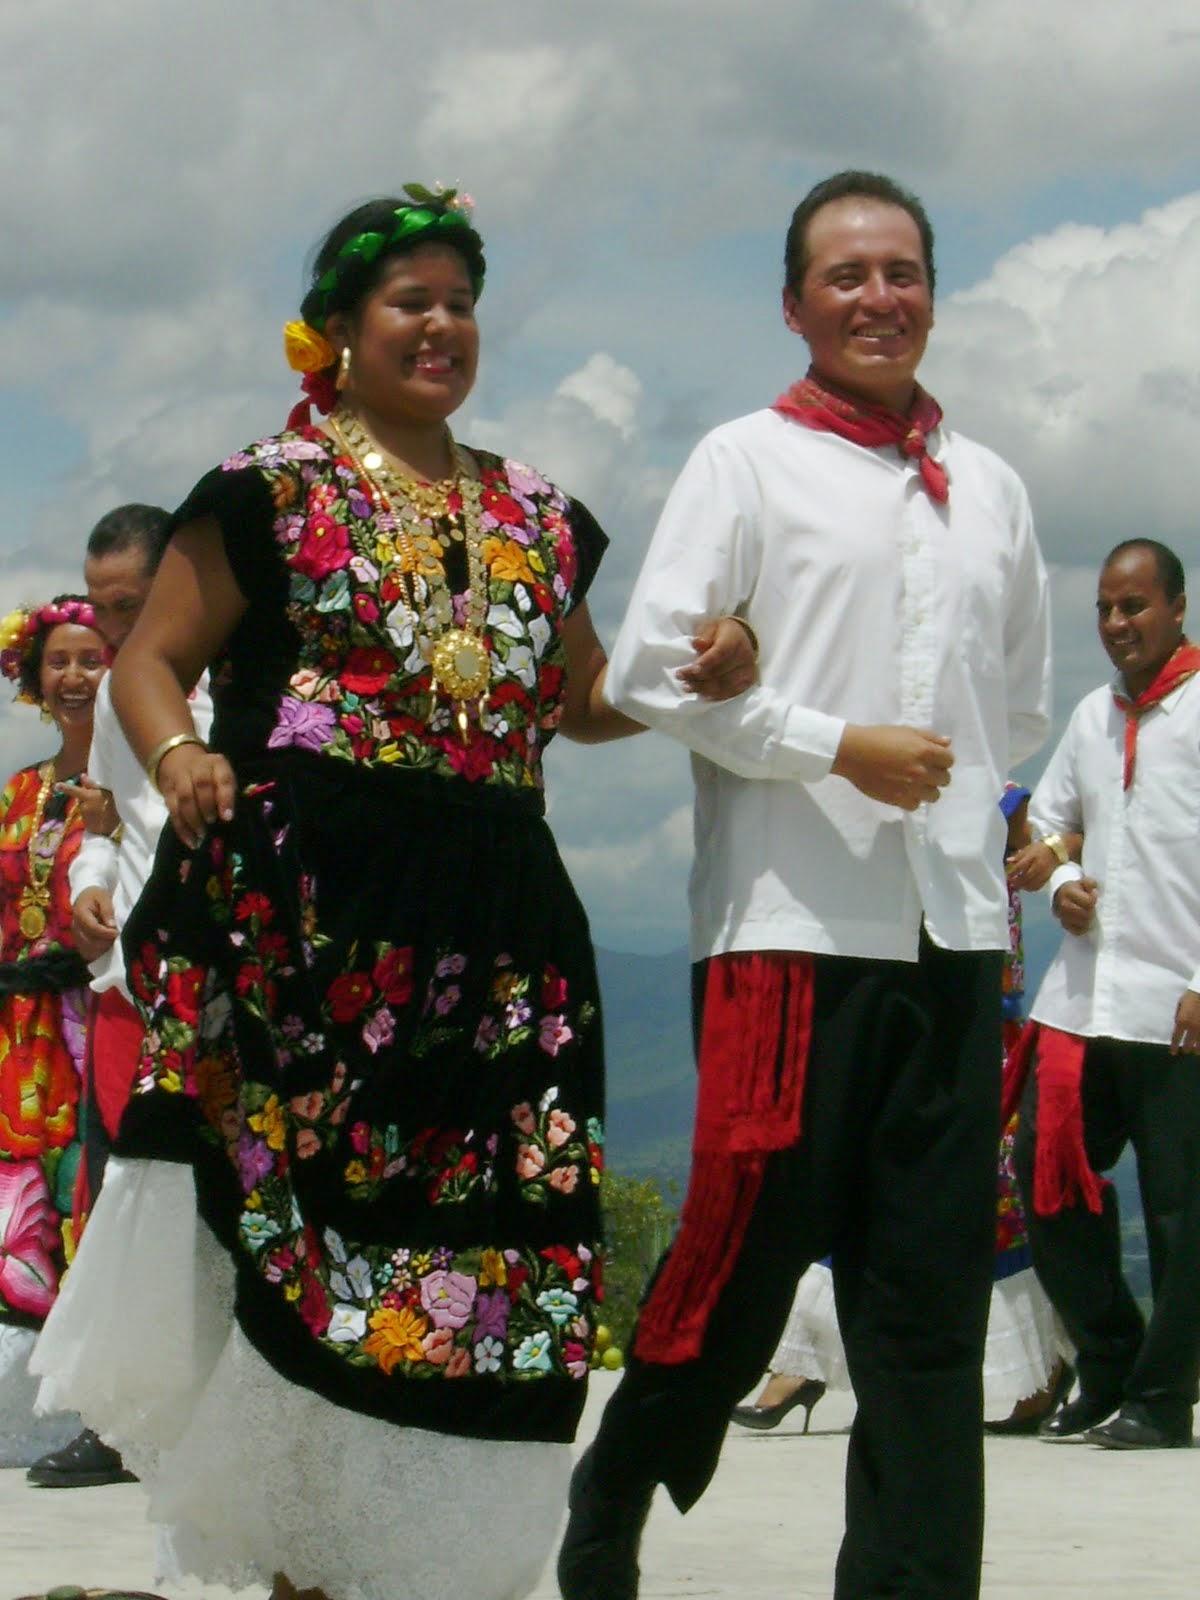 Resultado de imagen para Istmo de Tehuantepec vestimentas hombres